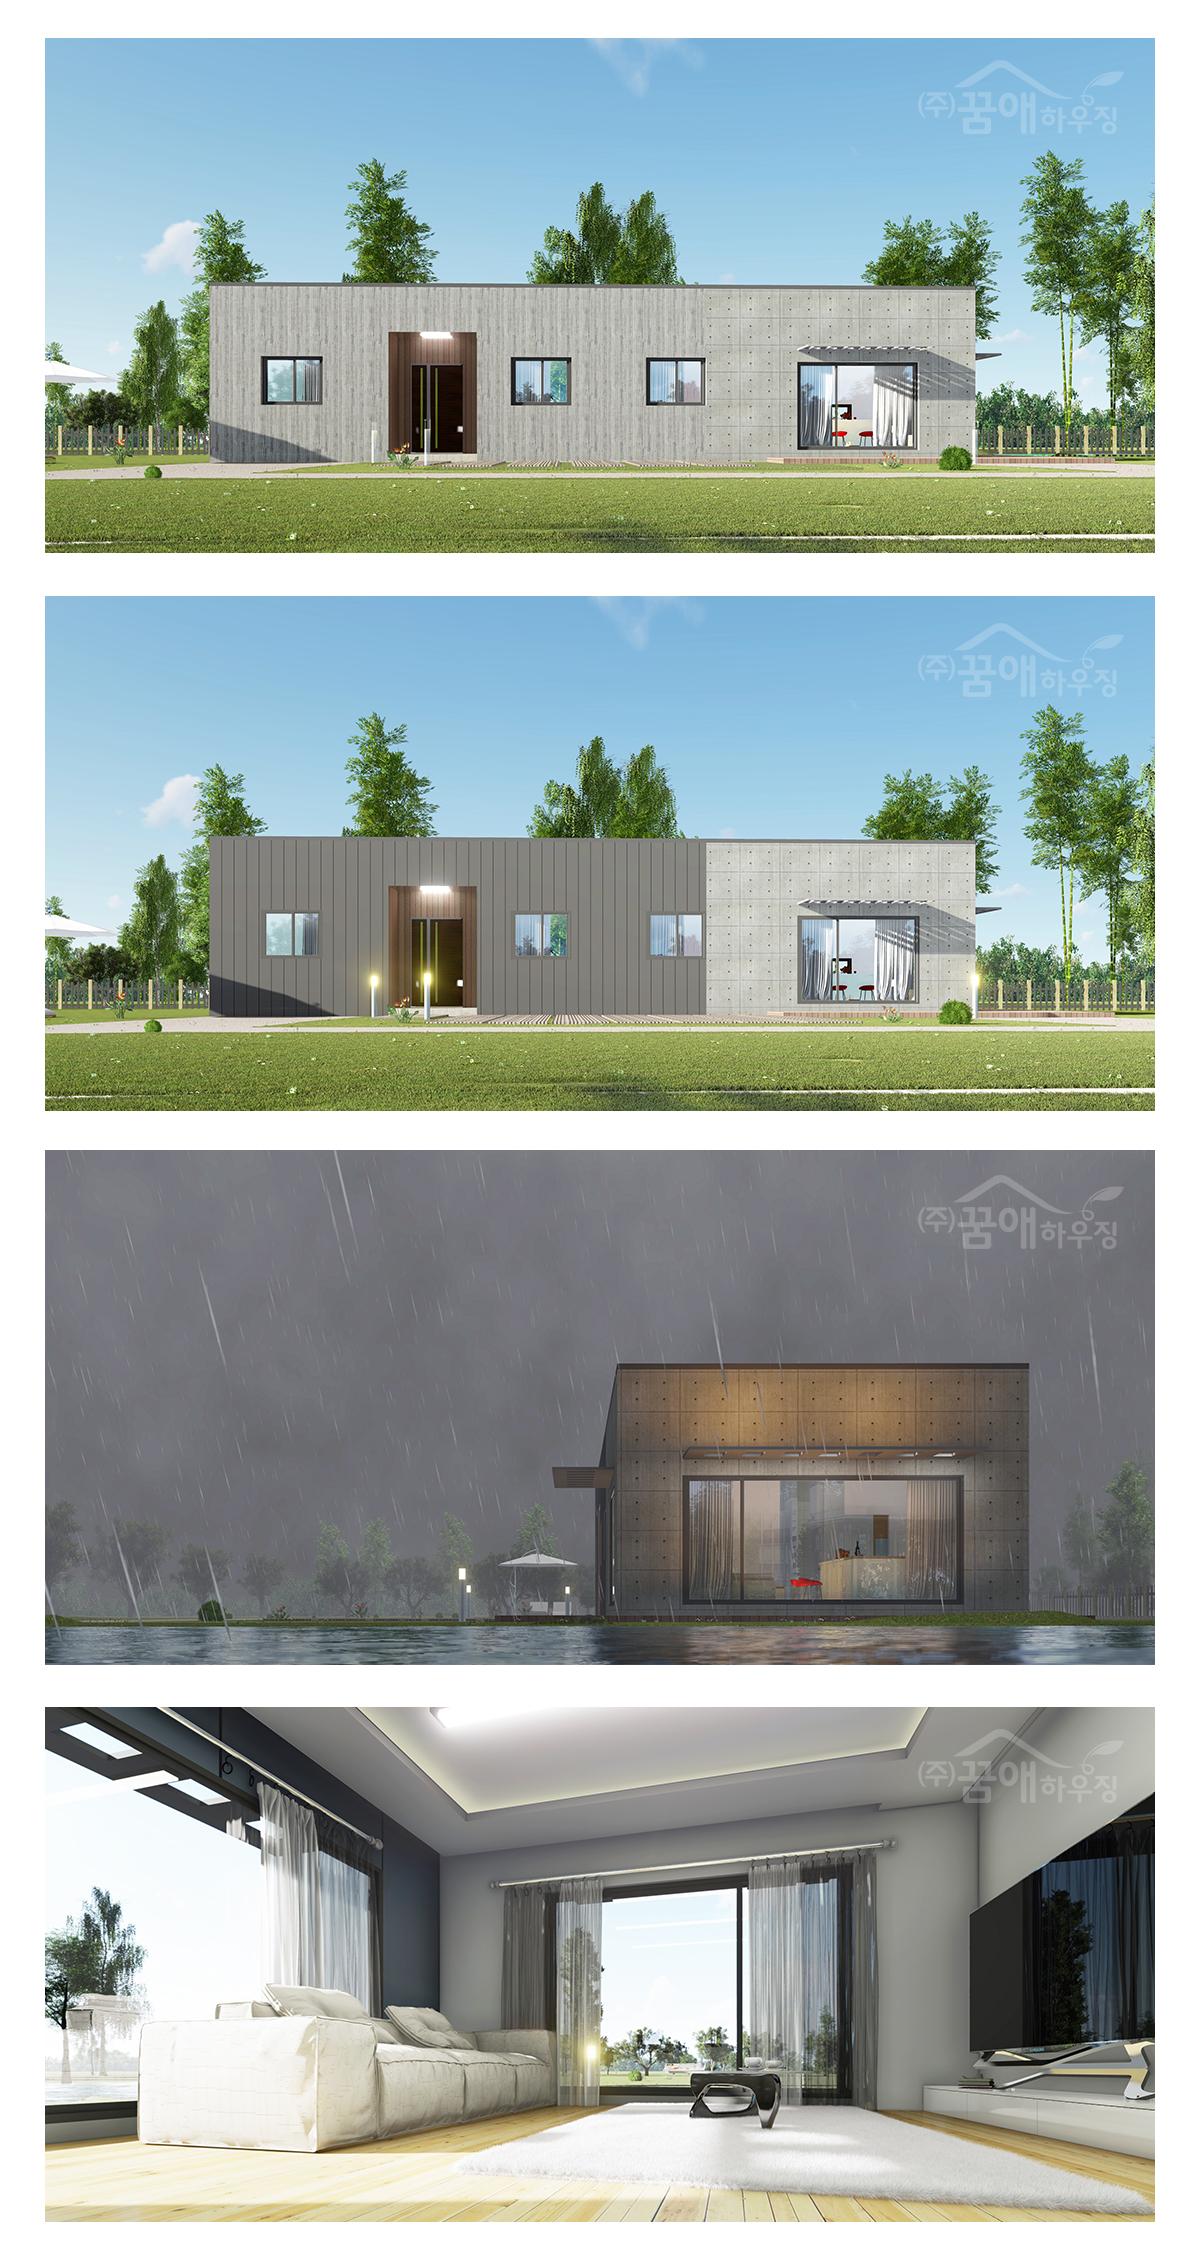 디자인계획안_글렌힐스_02.jpg